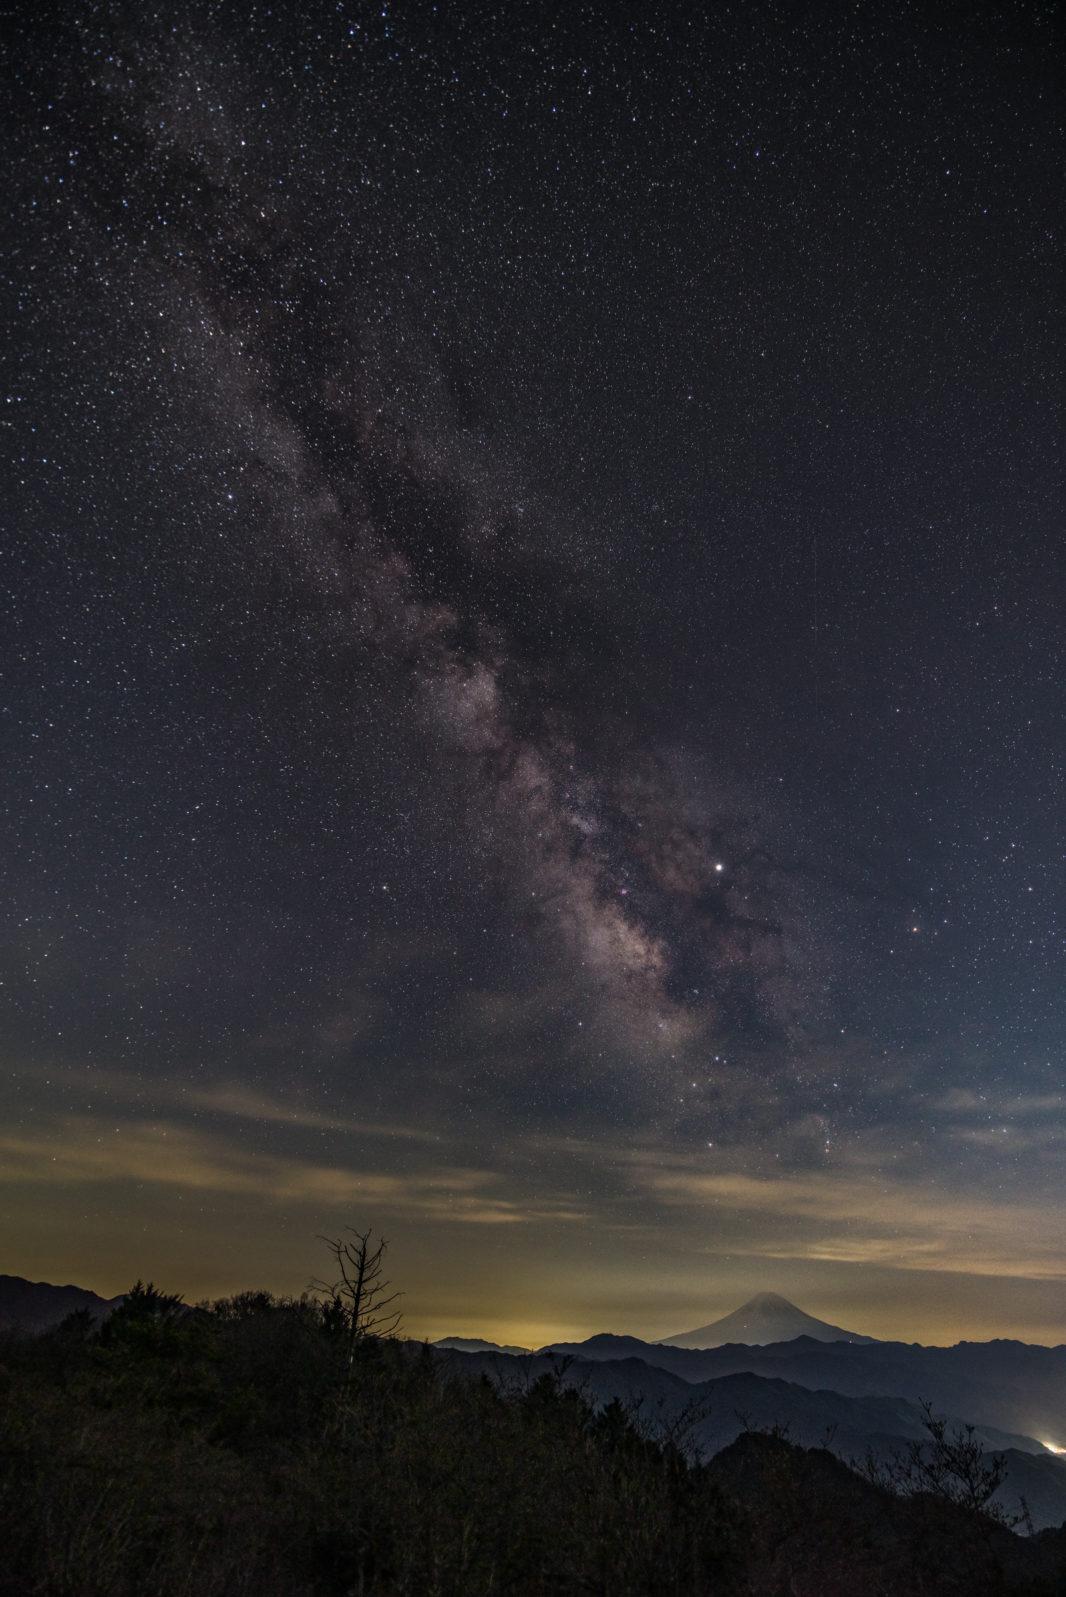 ハンゼノ頭にて富士山と天の川 | PENTAX K-1&D FA15-30mm